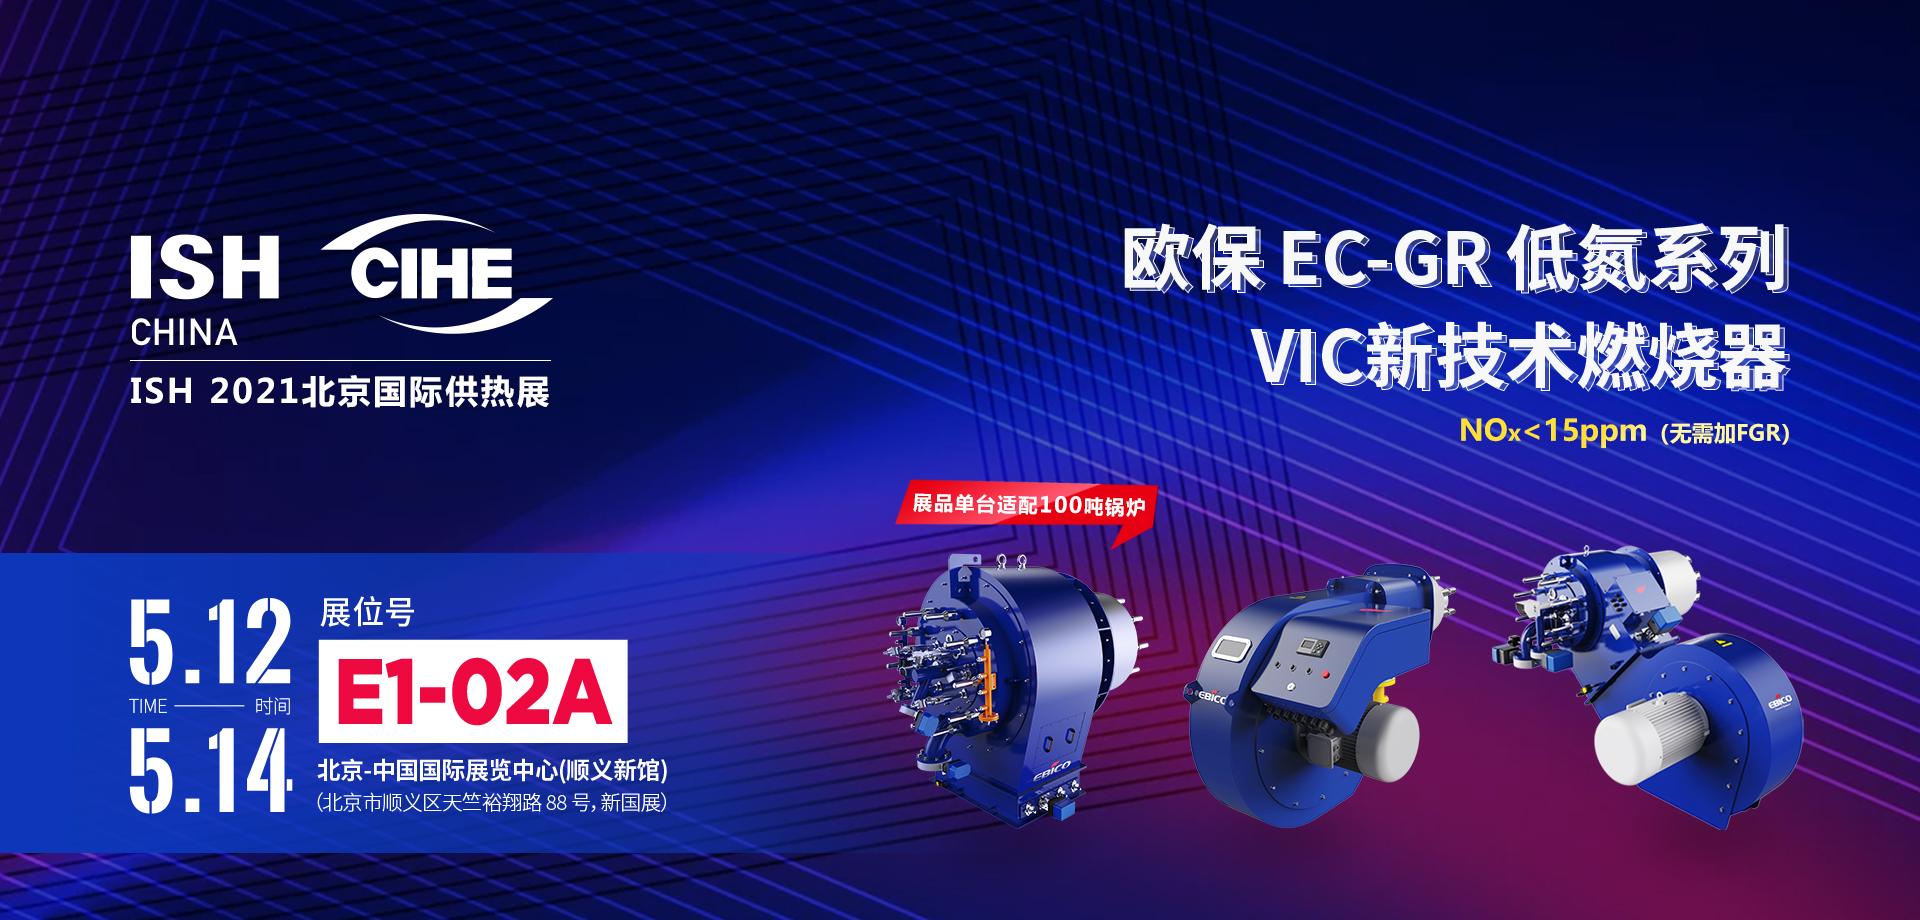 欧保燃烧器,锅炉燃烧器,国际供热展,EBICO